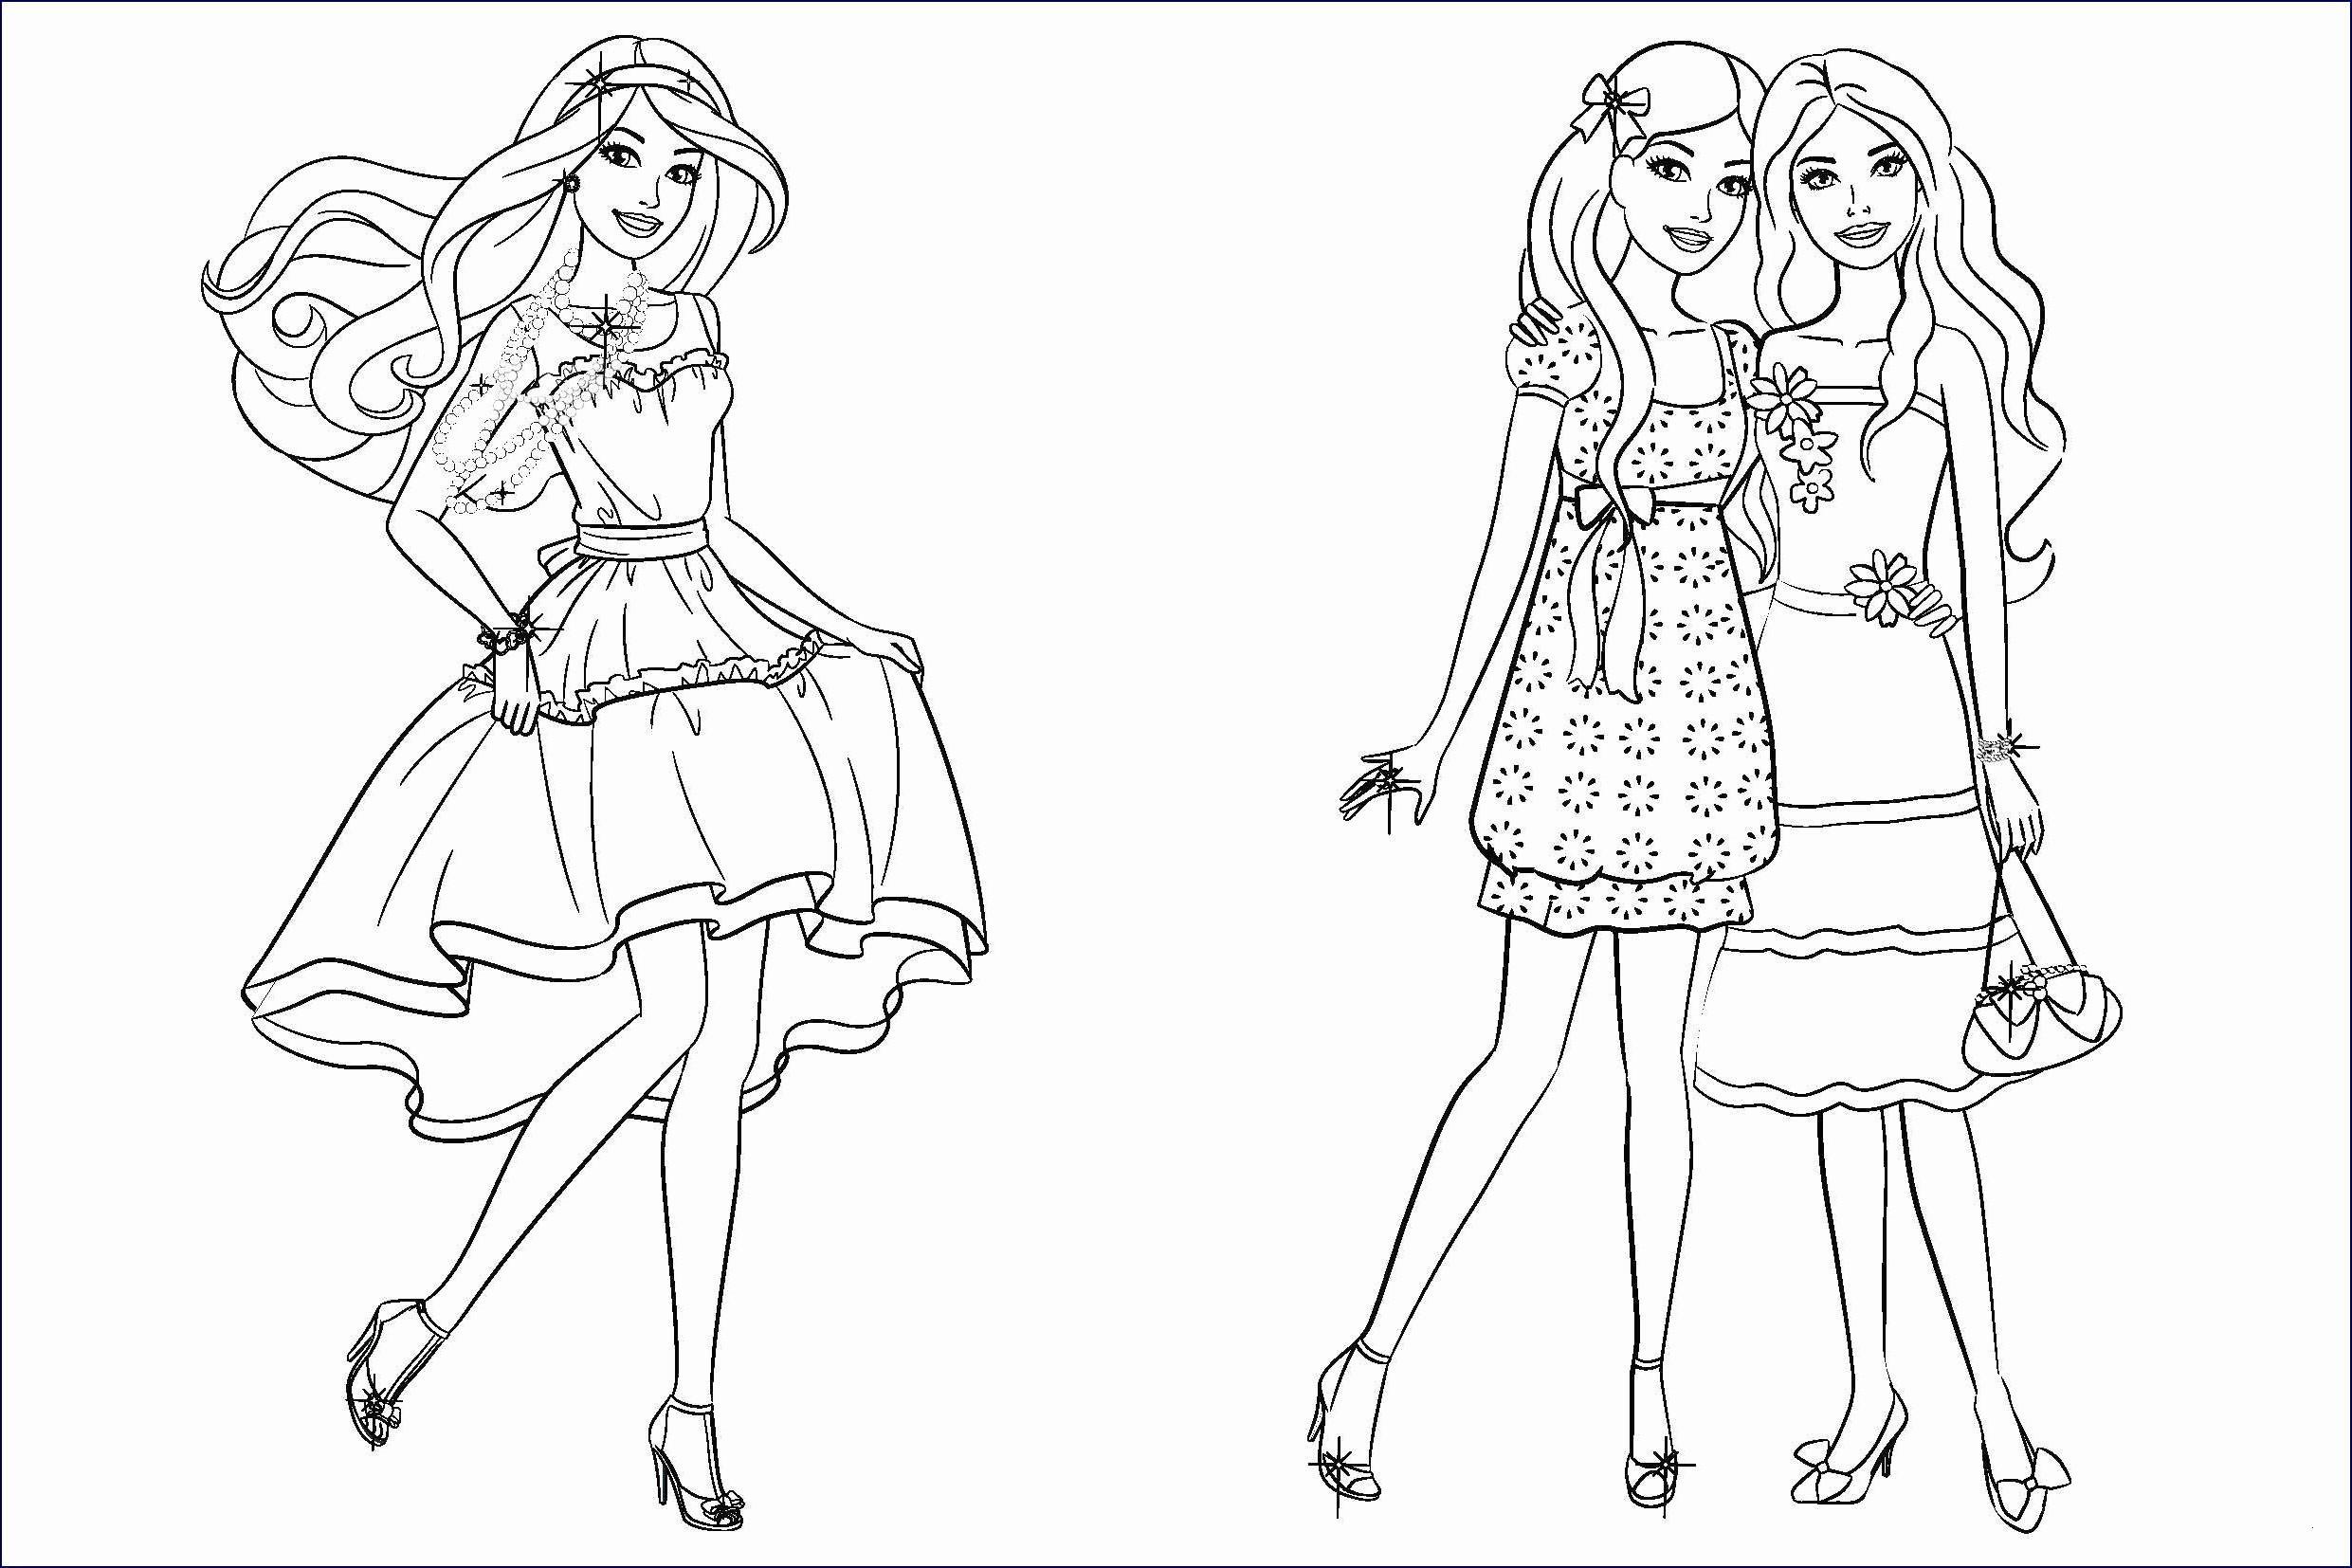 Ausmalbilder Barbie Meerjungfrau Einzigartig 39 Lecker Ausmalbilder Barbie Meerjungfrau – Große Coloring Page Fotografieren